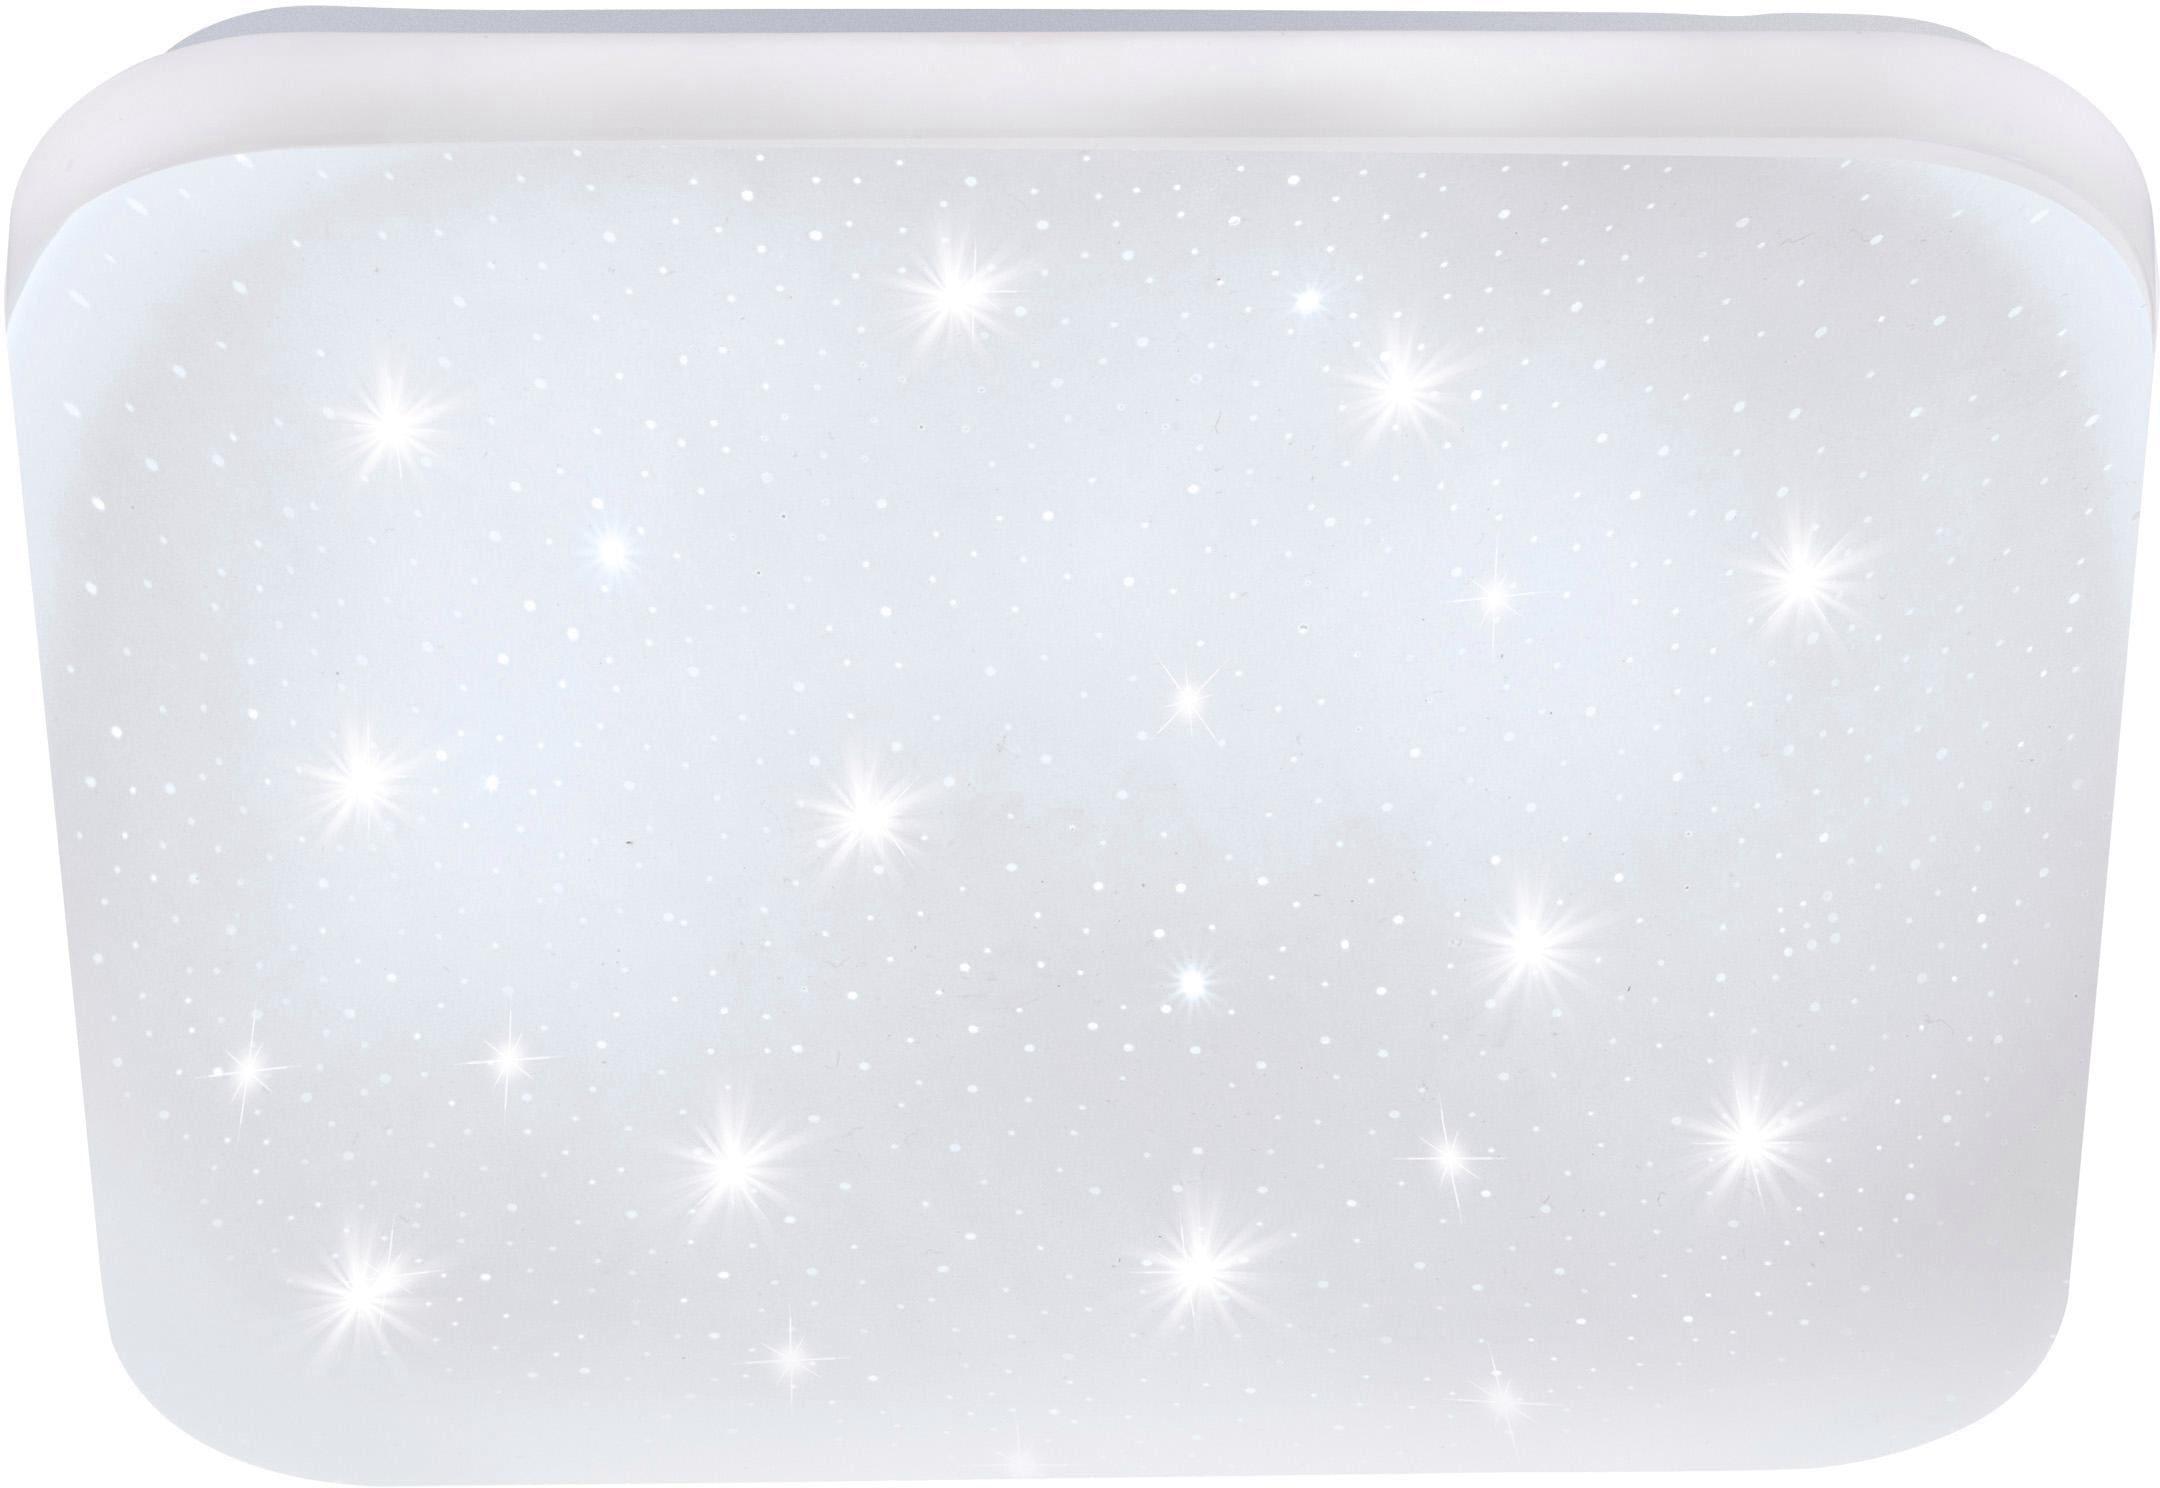 EGLO LED Deckenleuchte FRANIA-S